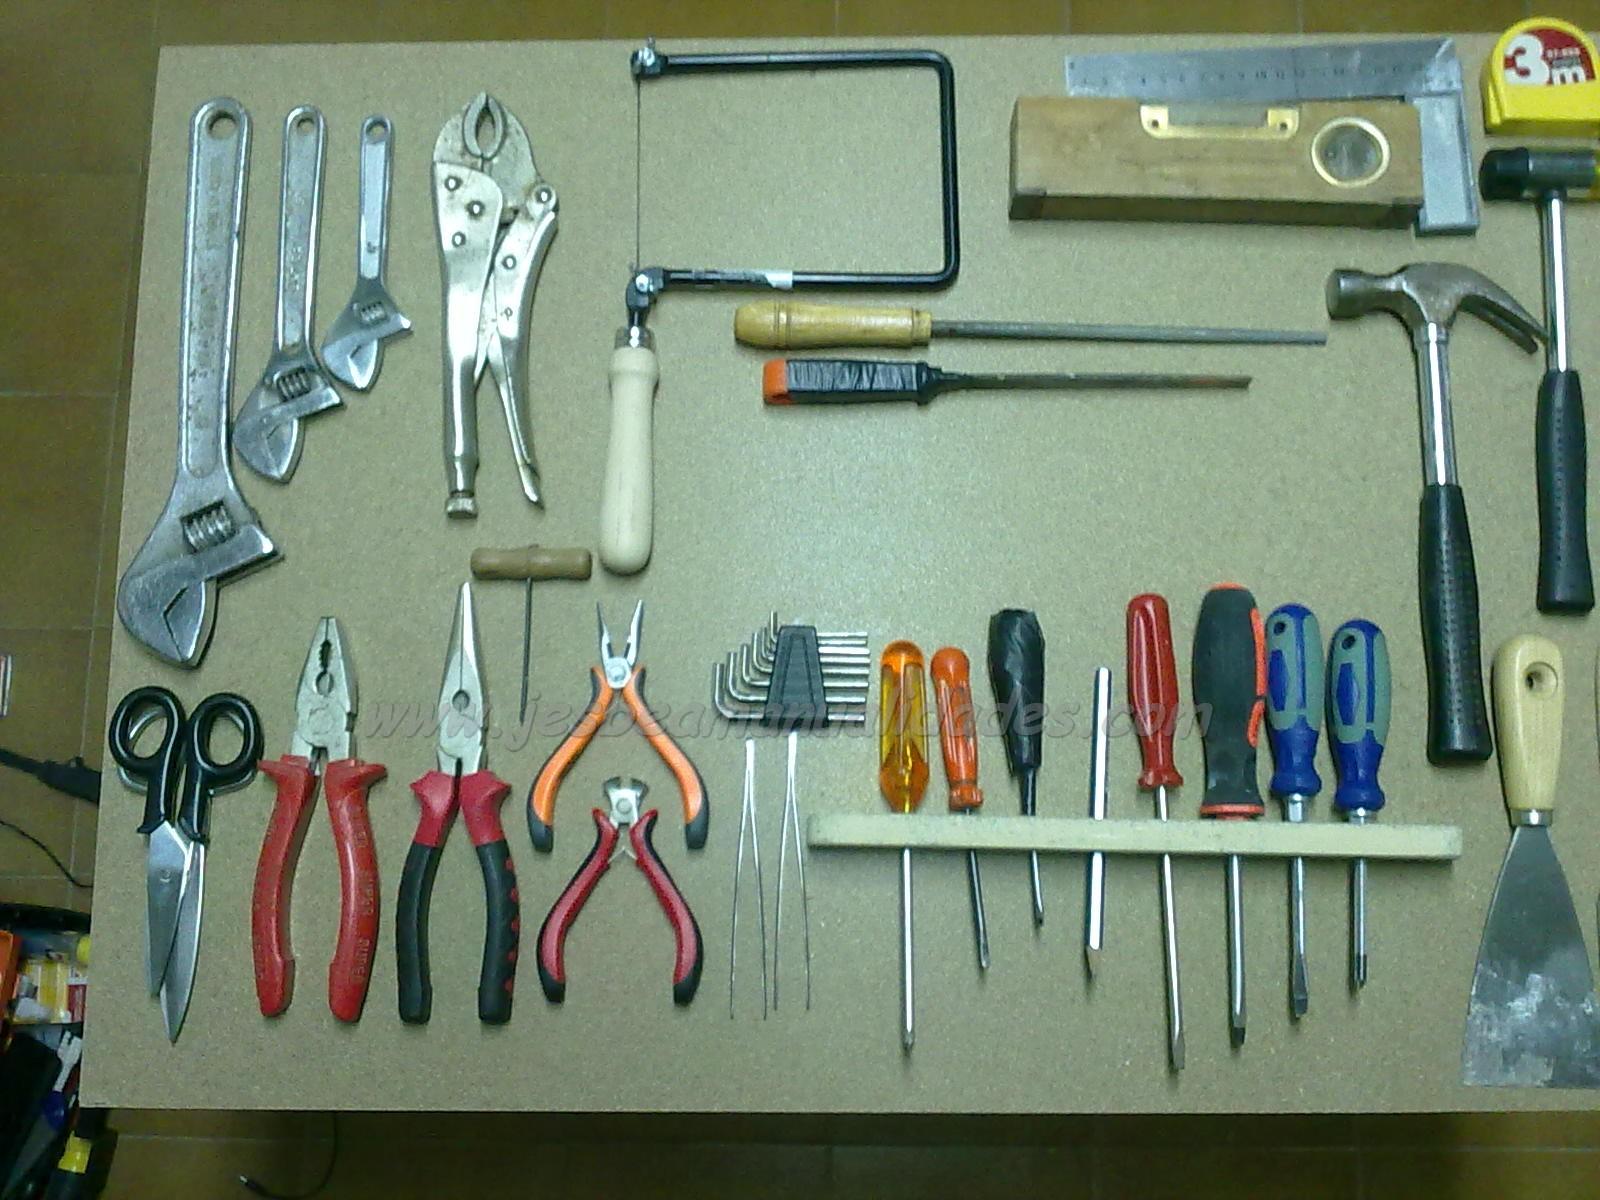 Jesbea manualidades armario para herramientas - Tablero de herramientas ...